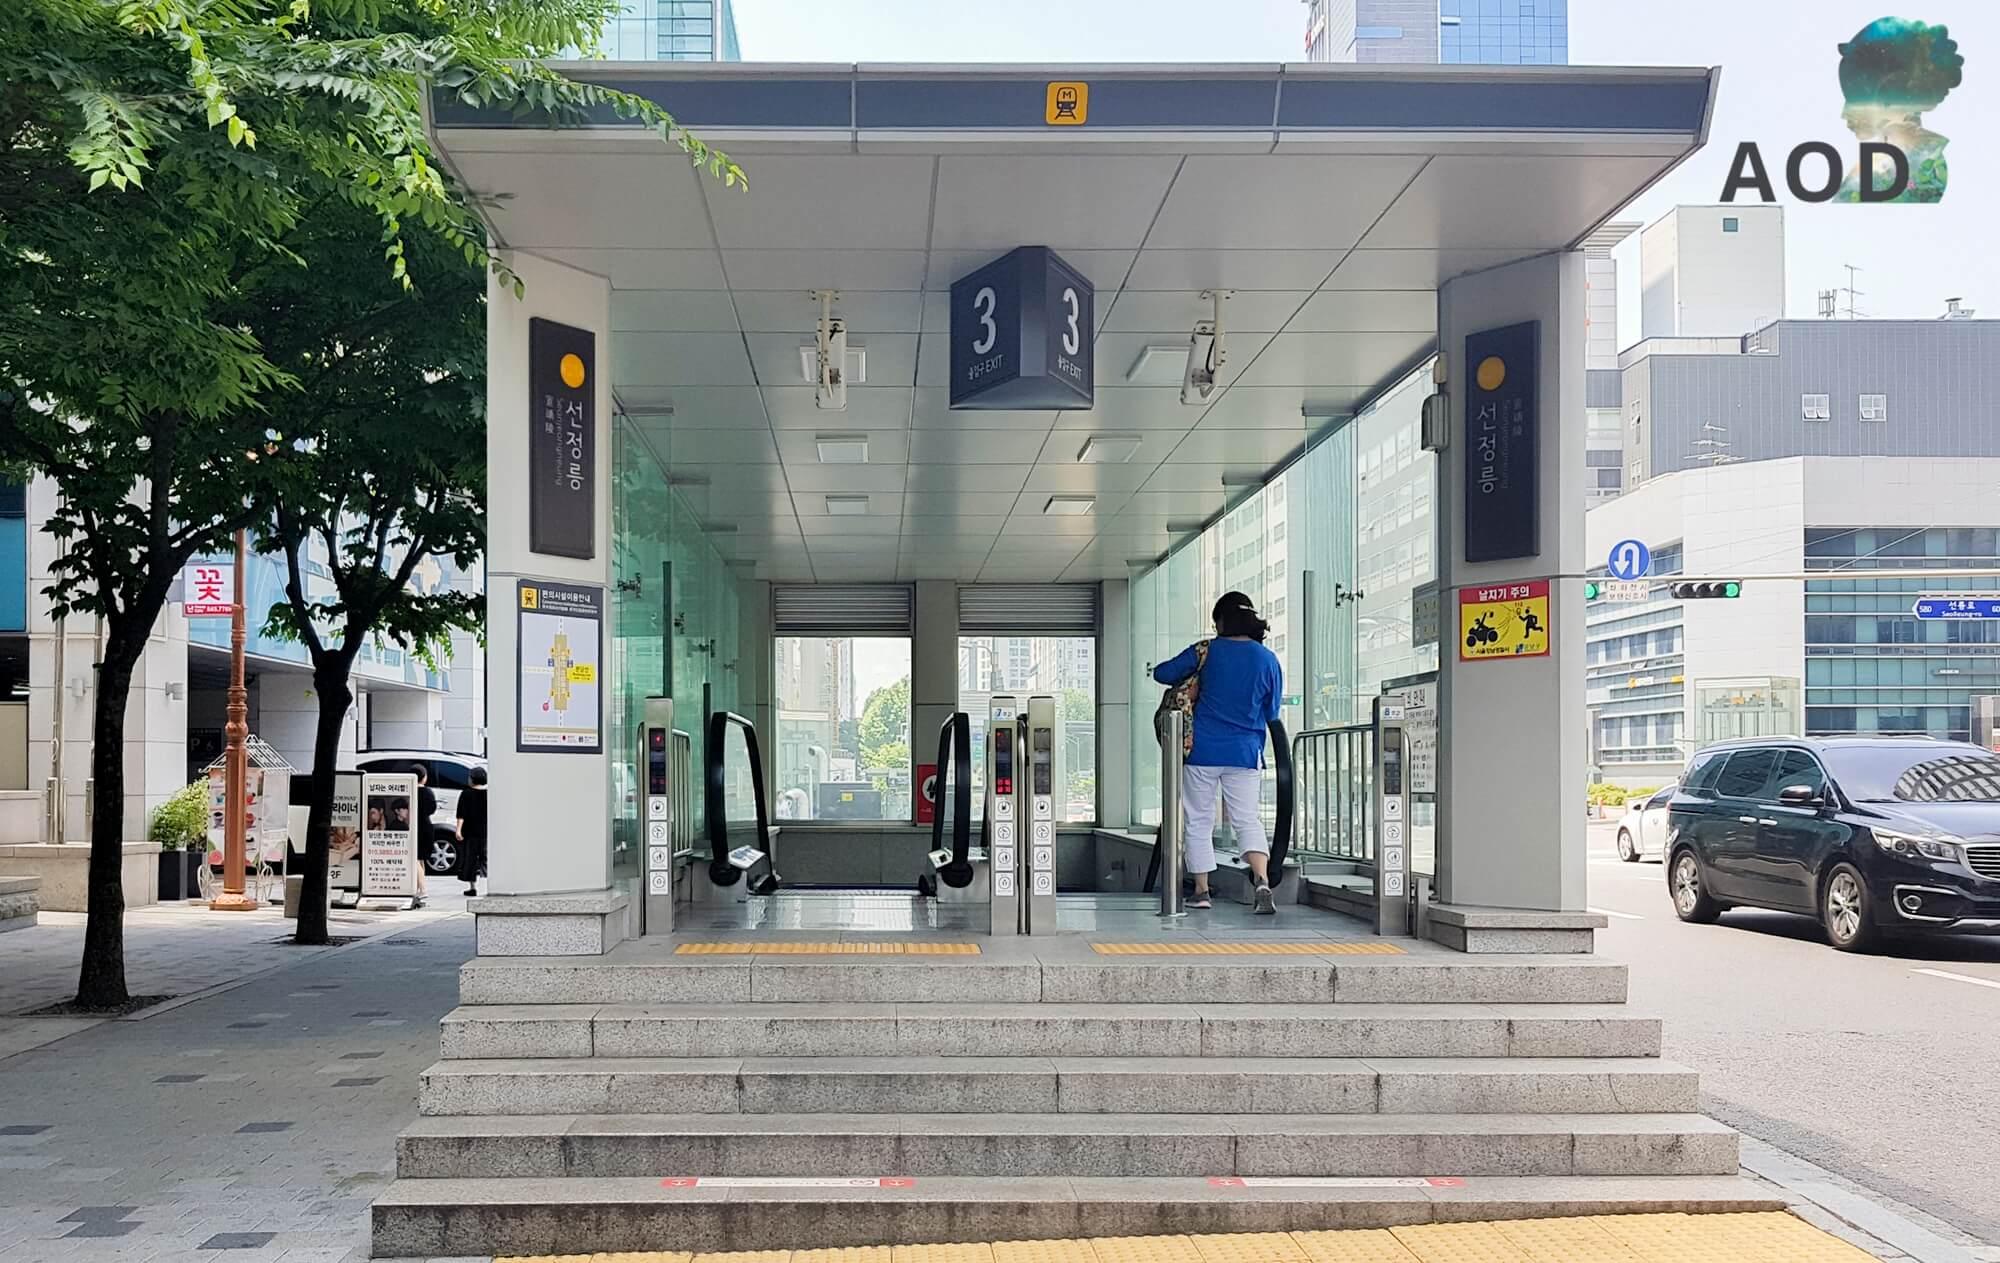 U-Bahnstation Eingang